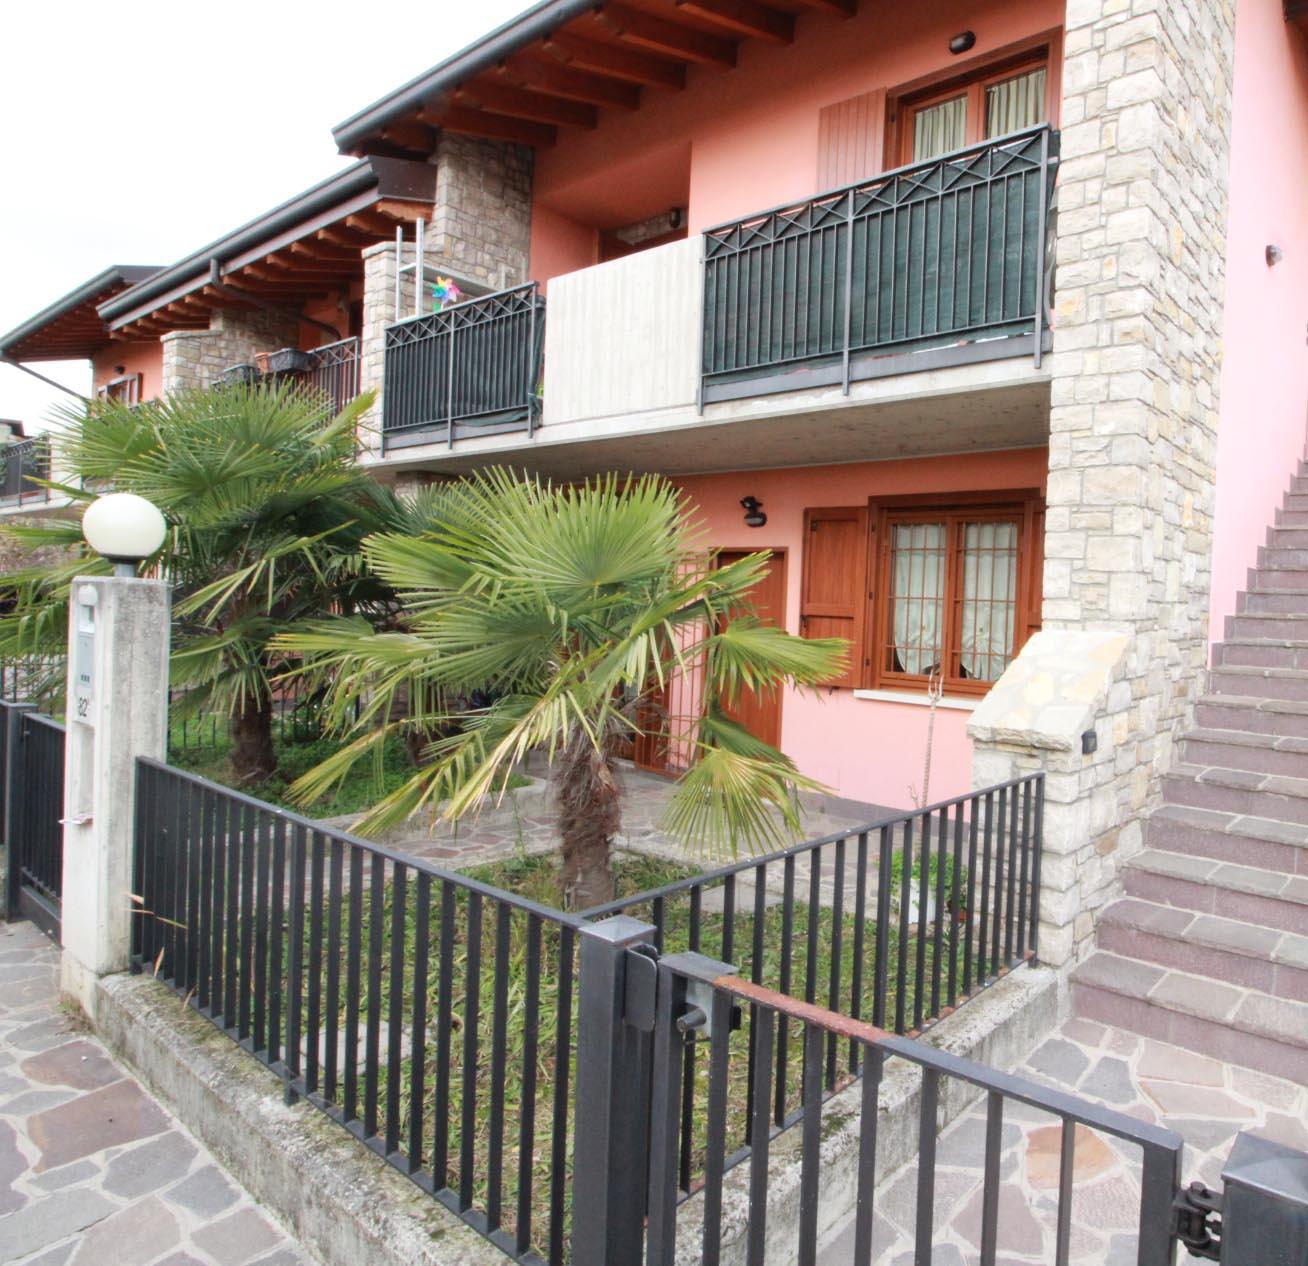 CANONICA D'ADDA Recentissimo Appartamento in Villa con giardino, taverna e box